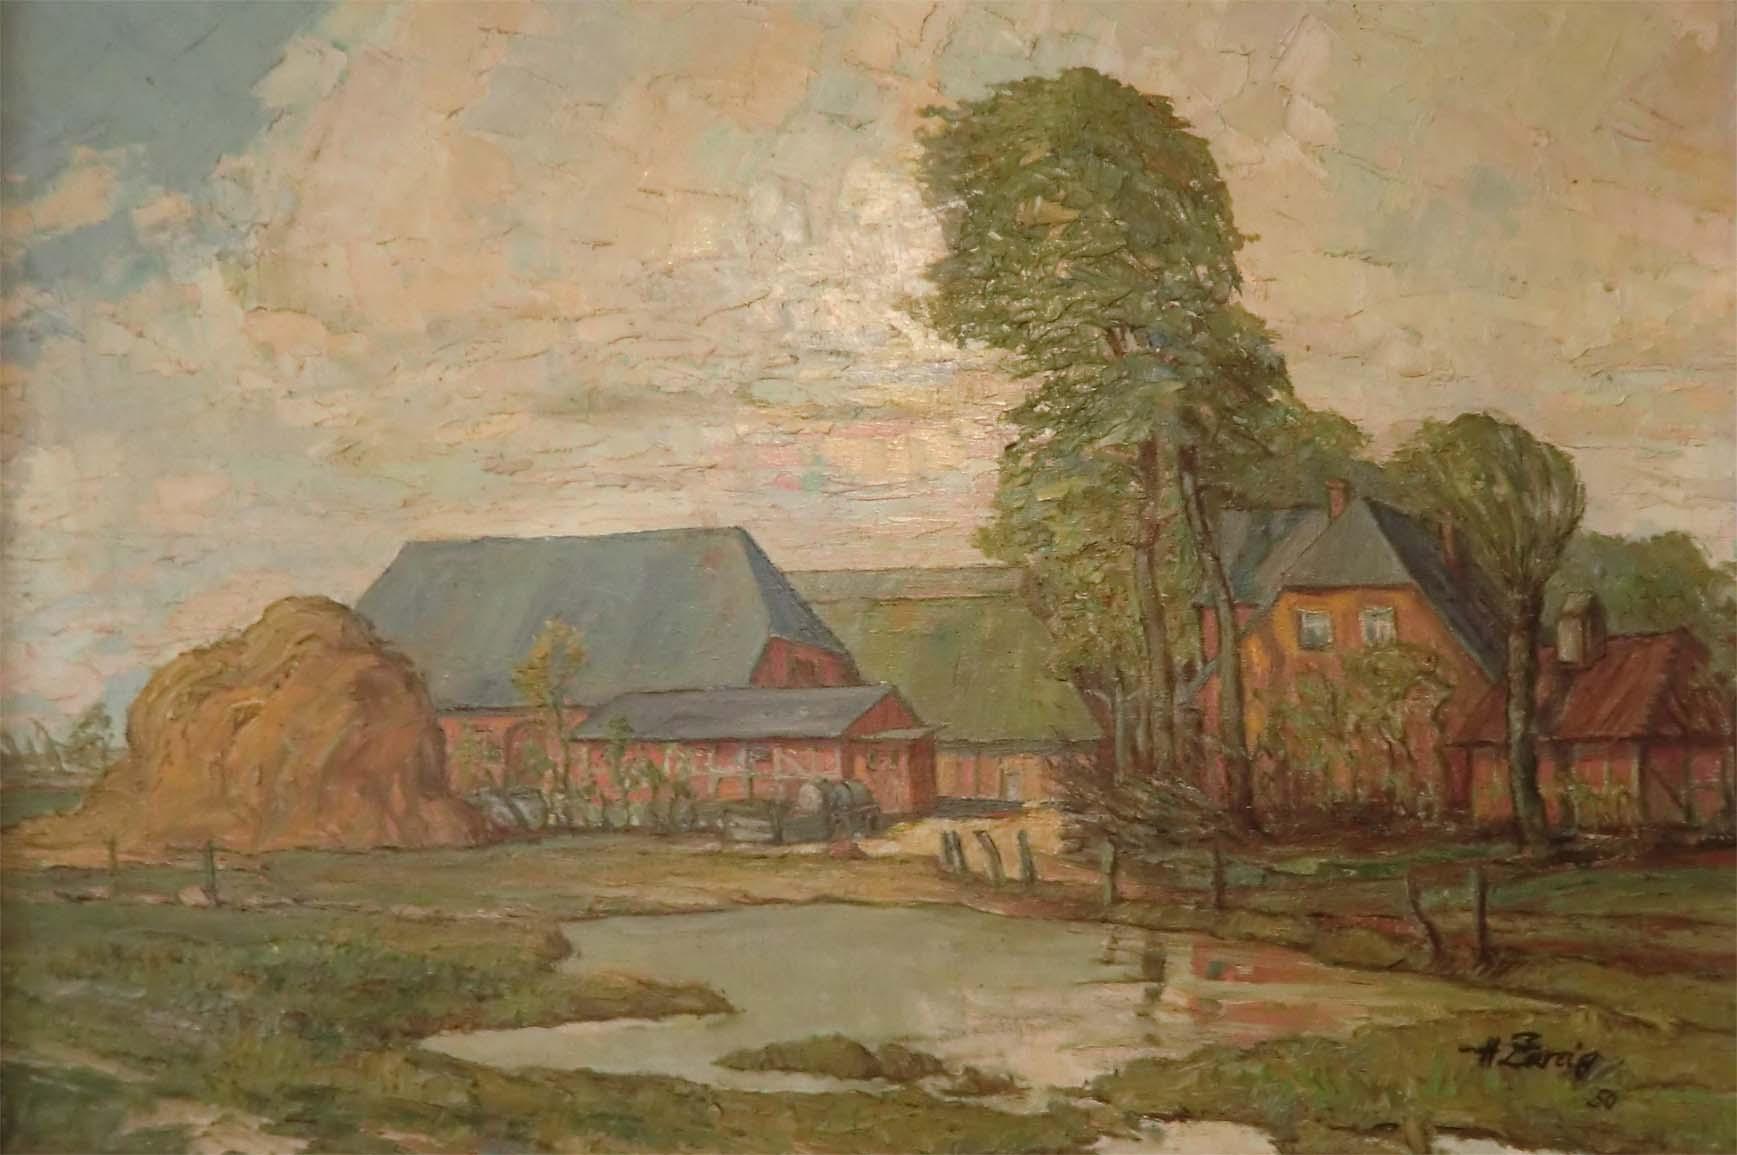 Die Hofanlage -gemalt von Zweig - um 1950